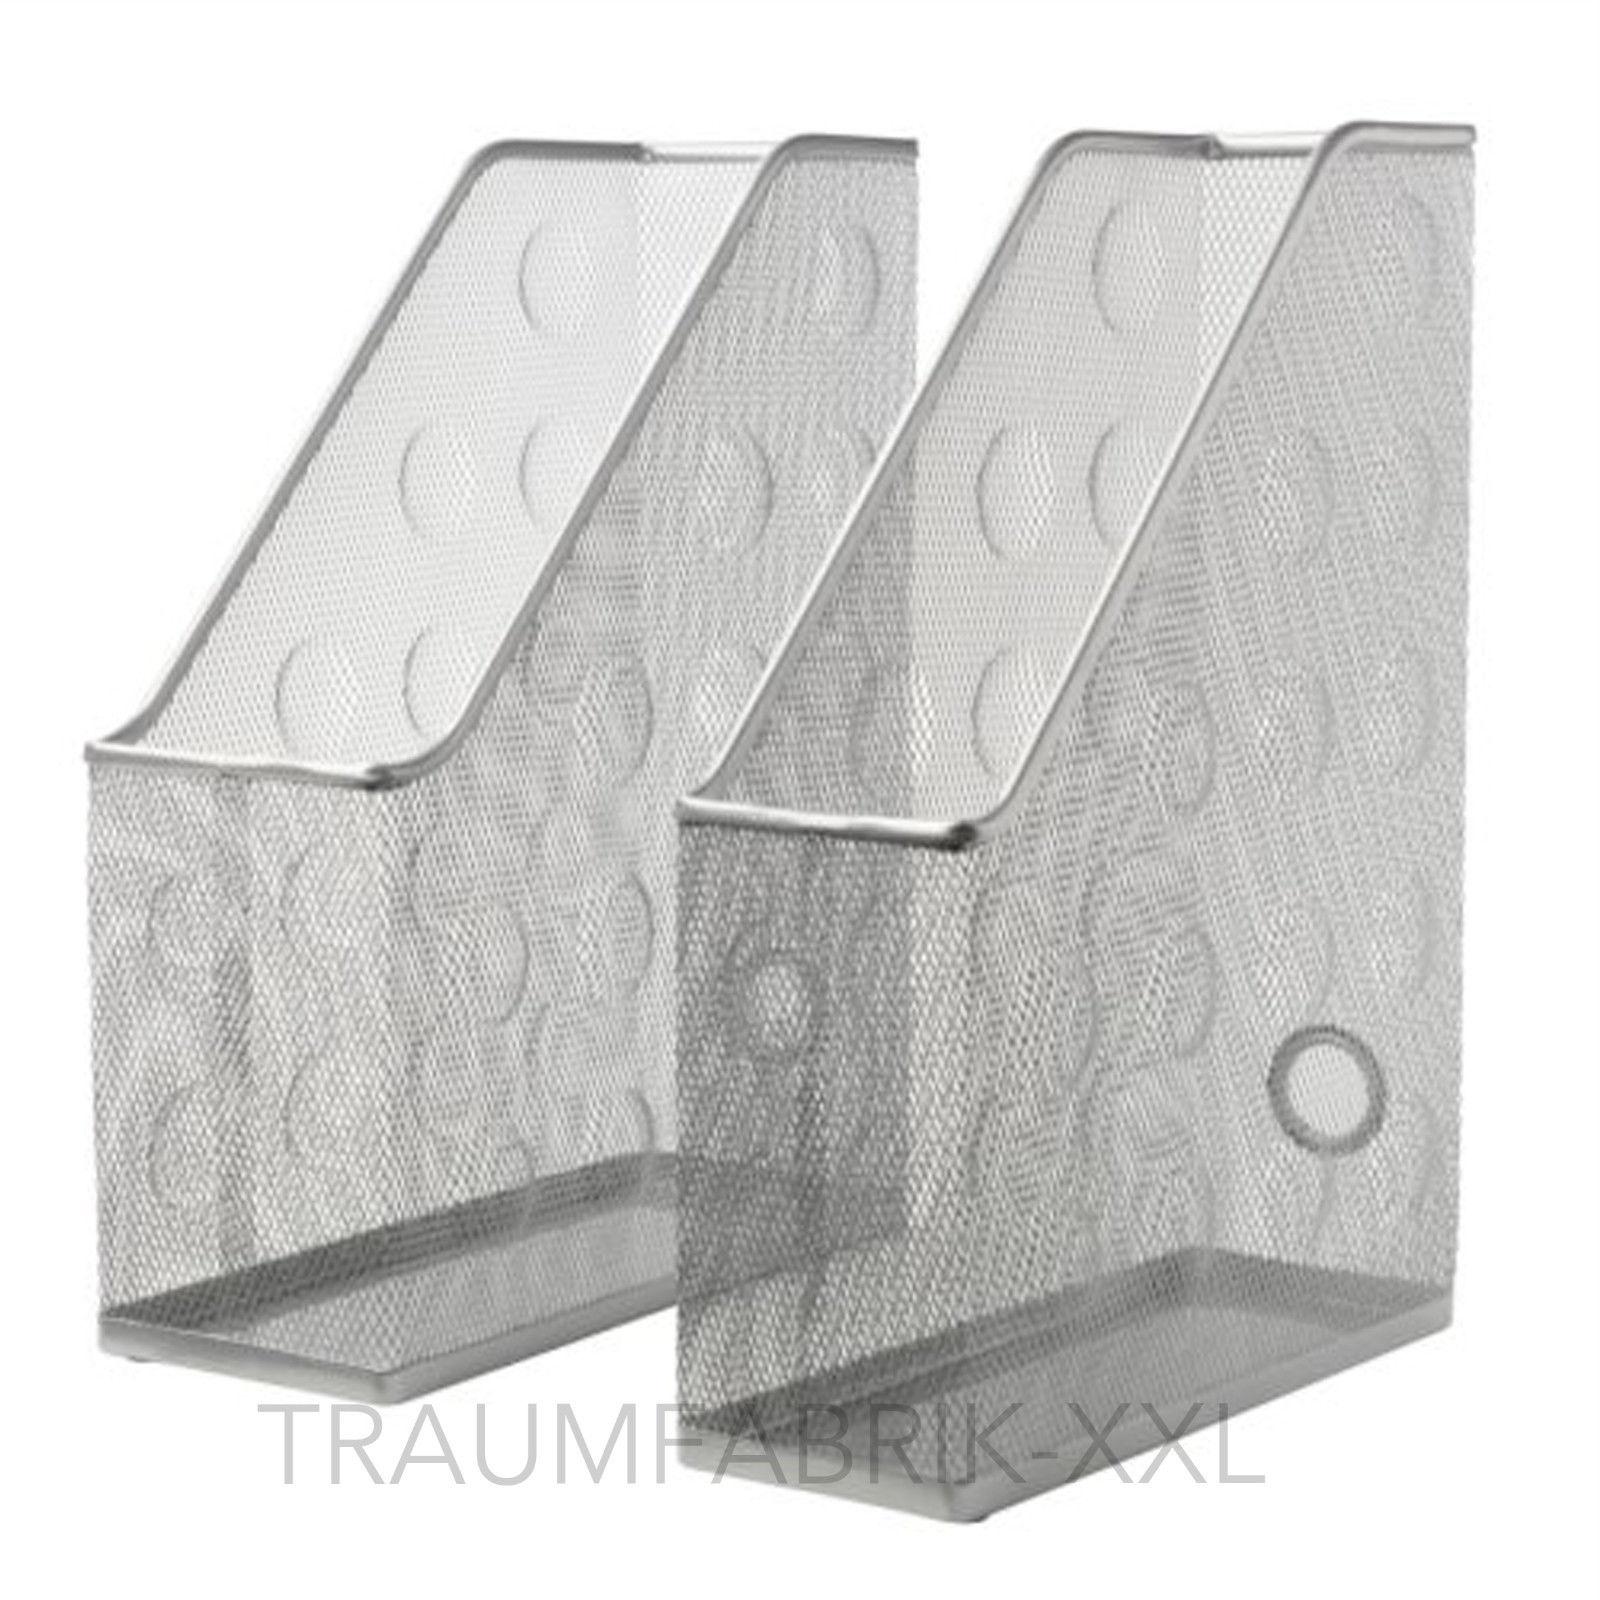 2 x ikea zeitschriftensammler stehsammler stehordner aus. Black Bedroom Furniture Sets. Home Design Ideas